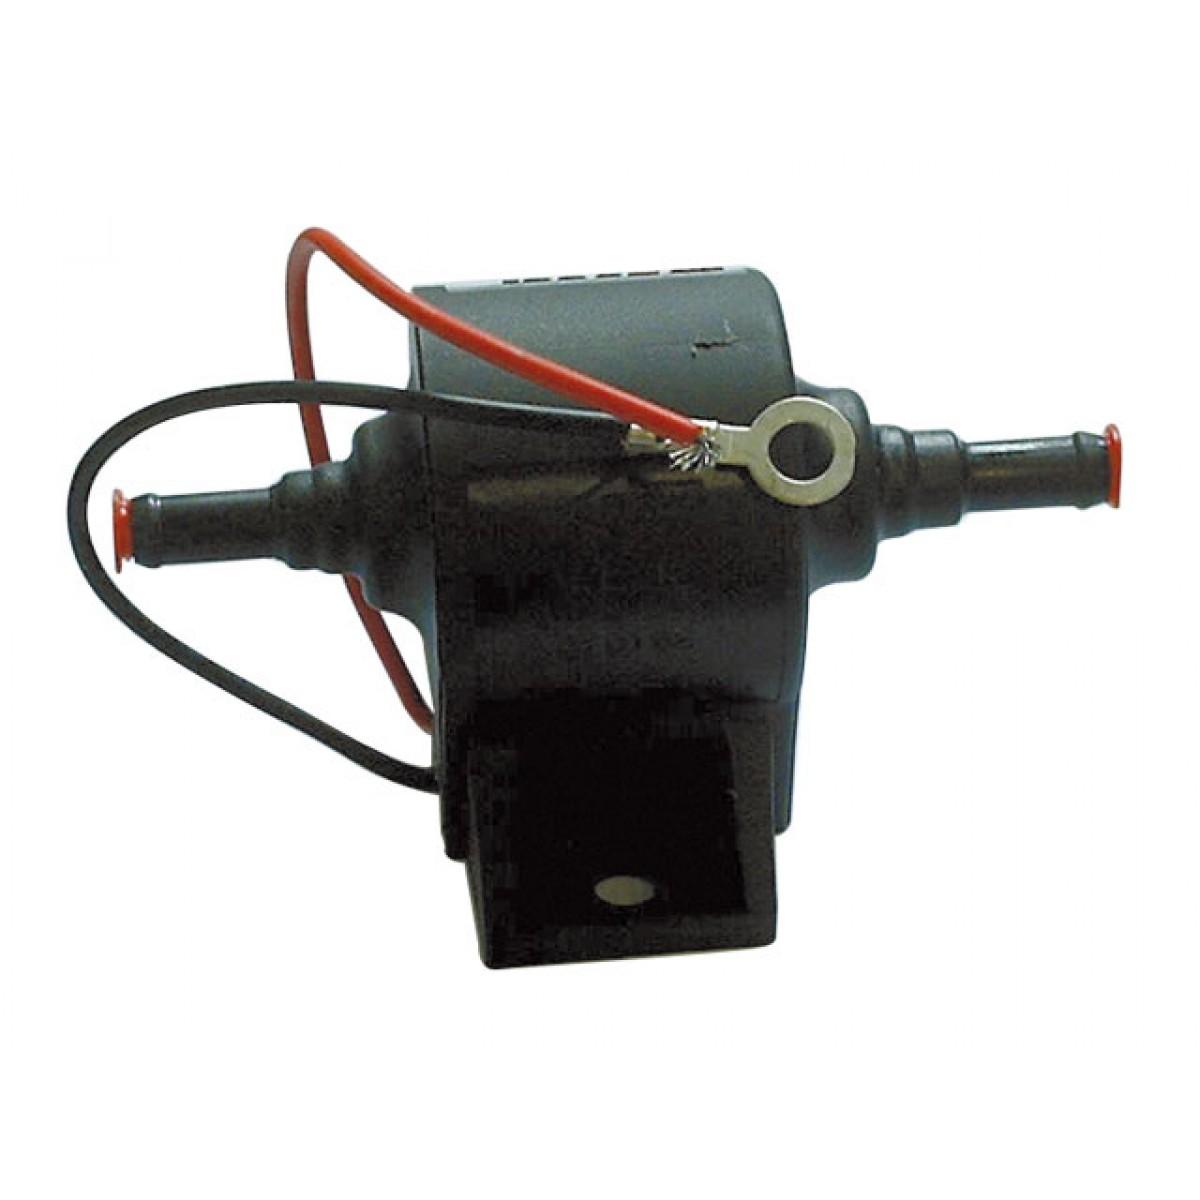 Pompa elettrica gasolio boiserie in ceramica per bagno - Stufetta elettrica per bagno ...